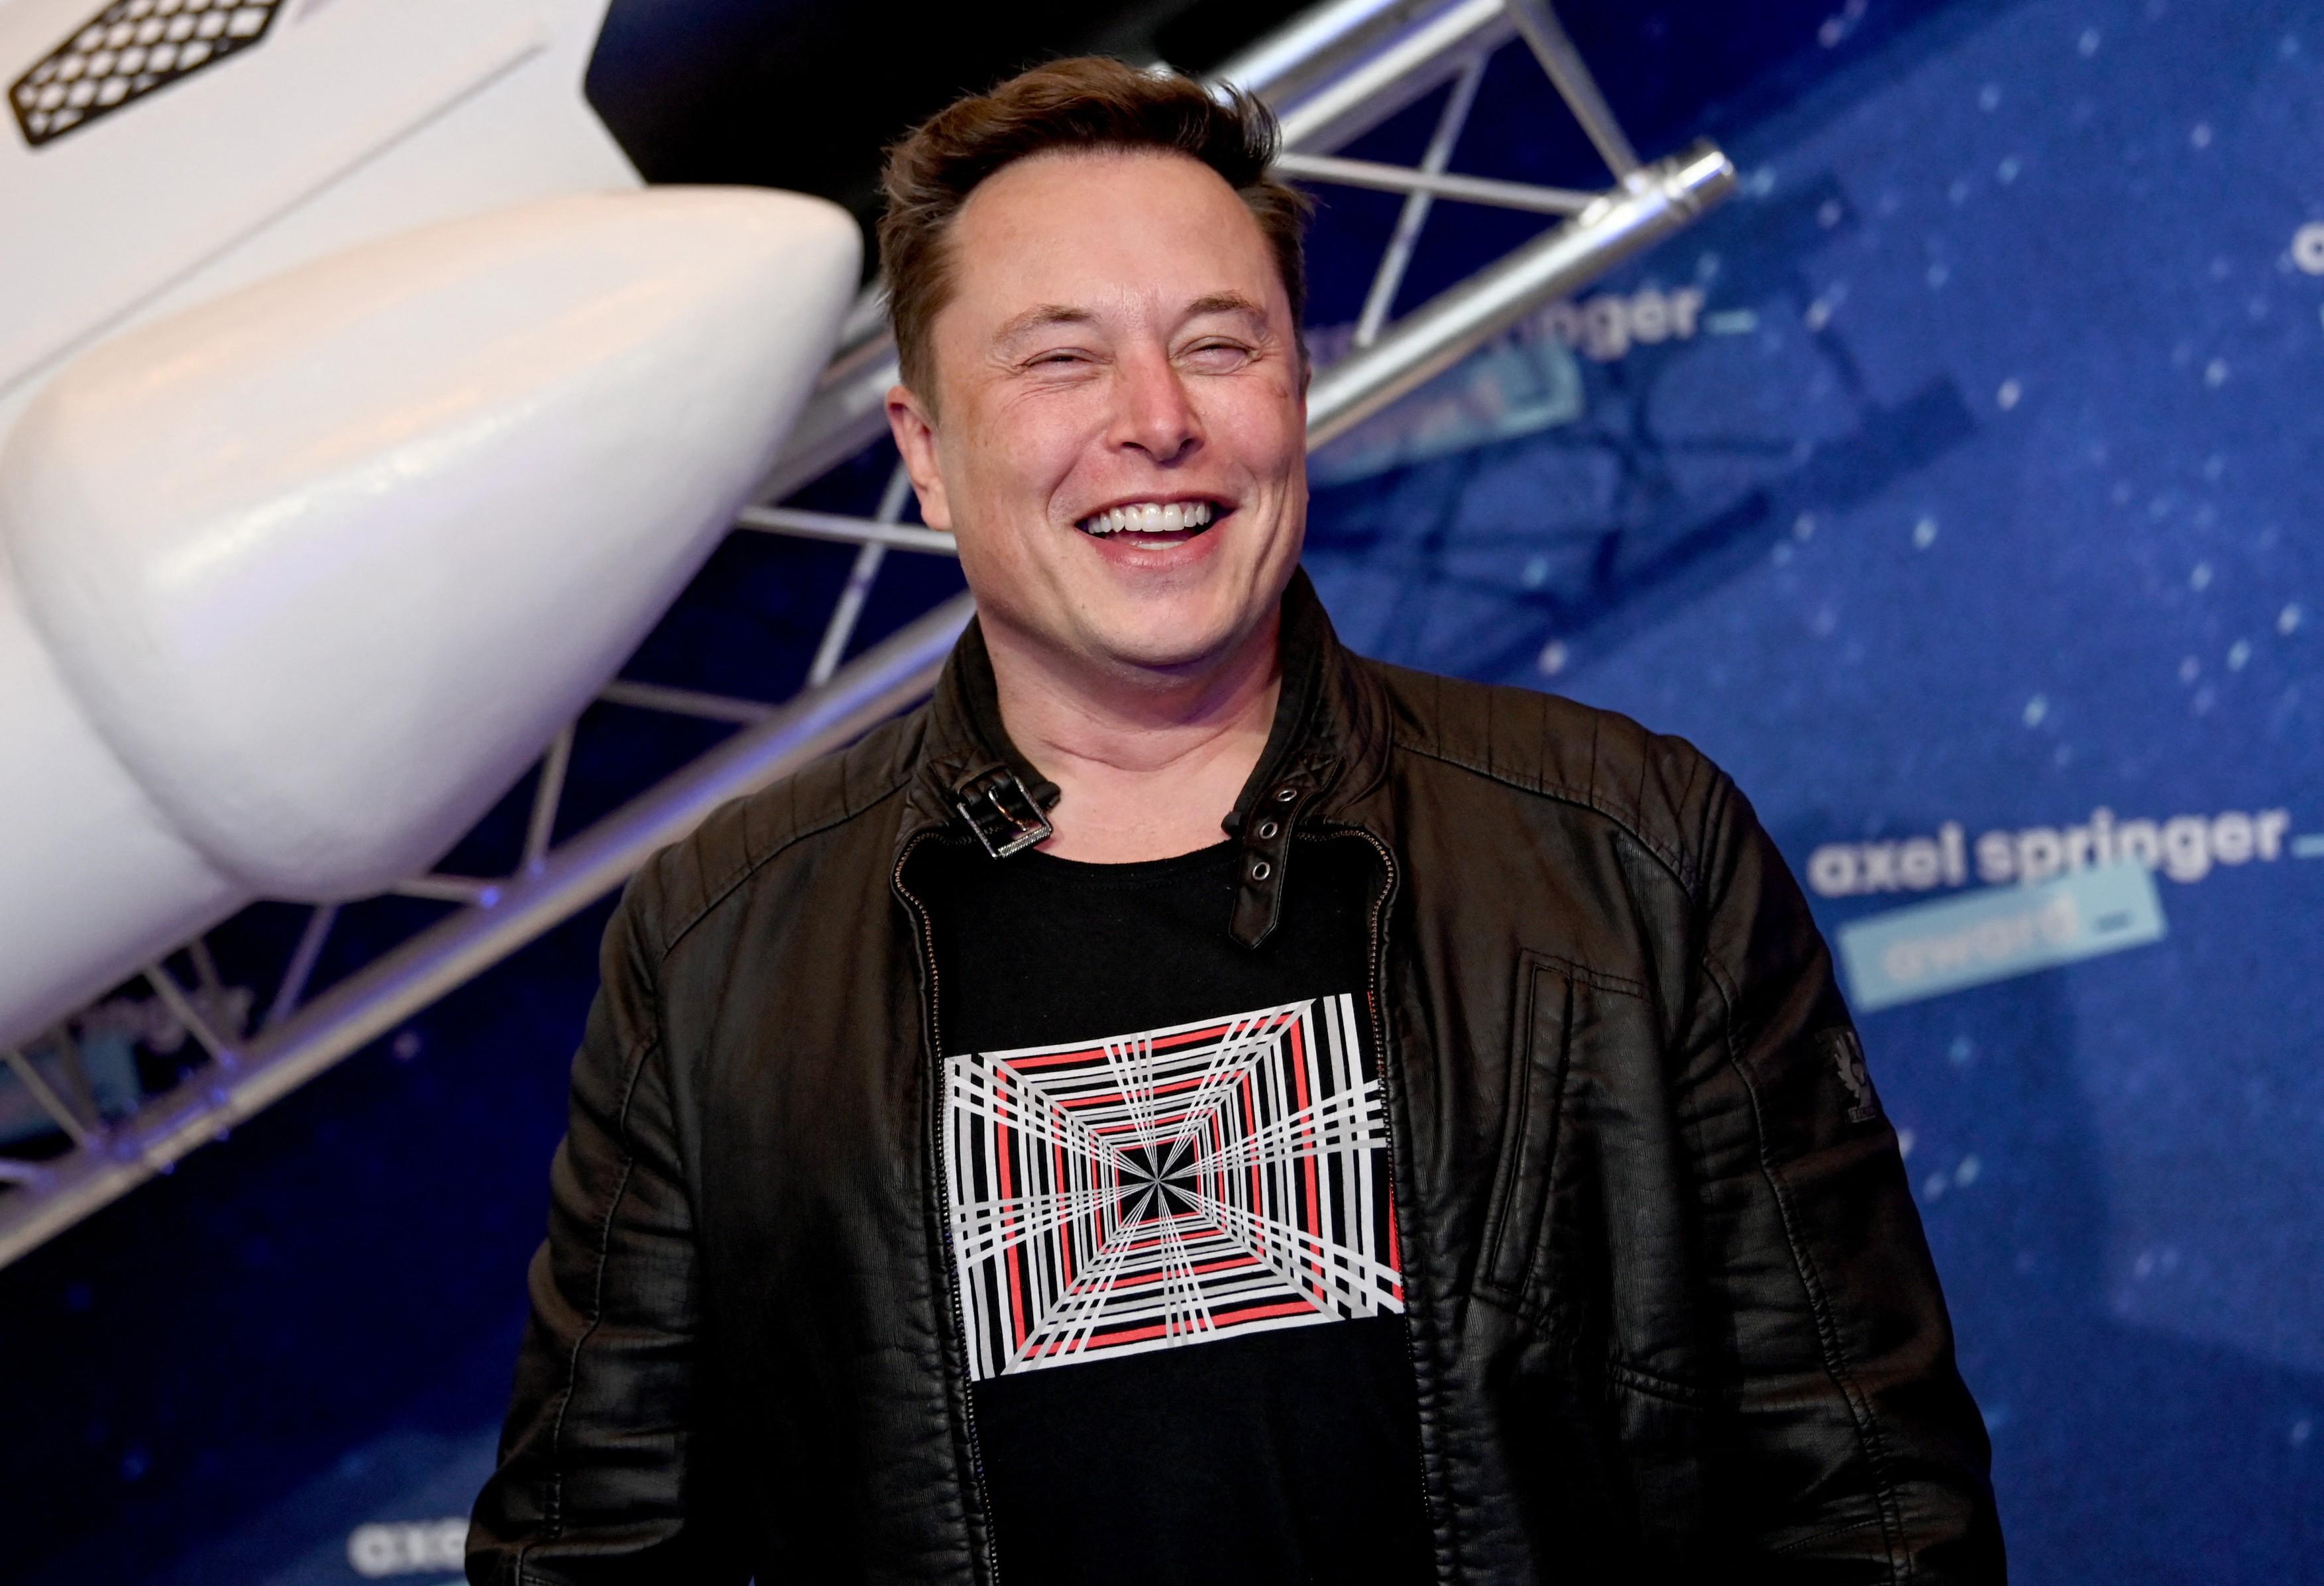 Elon Musk revoluţionează internetul cu reţeaua de sateliţi Starlink